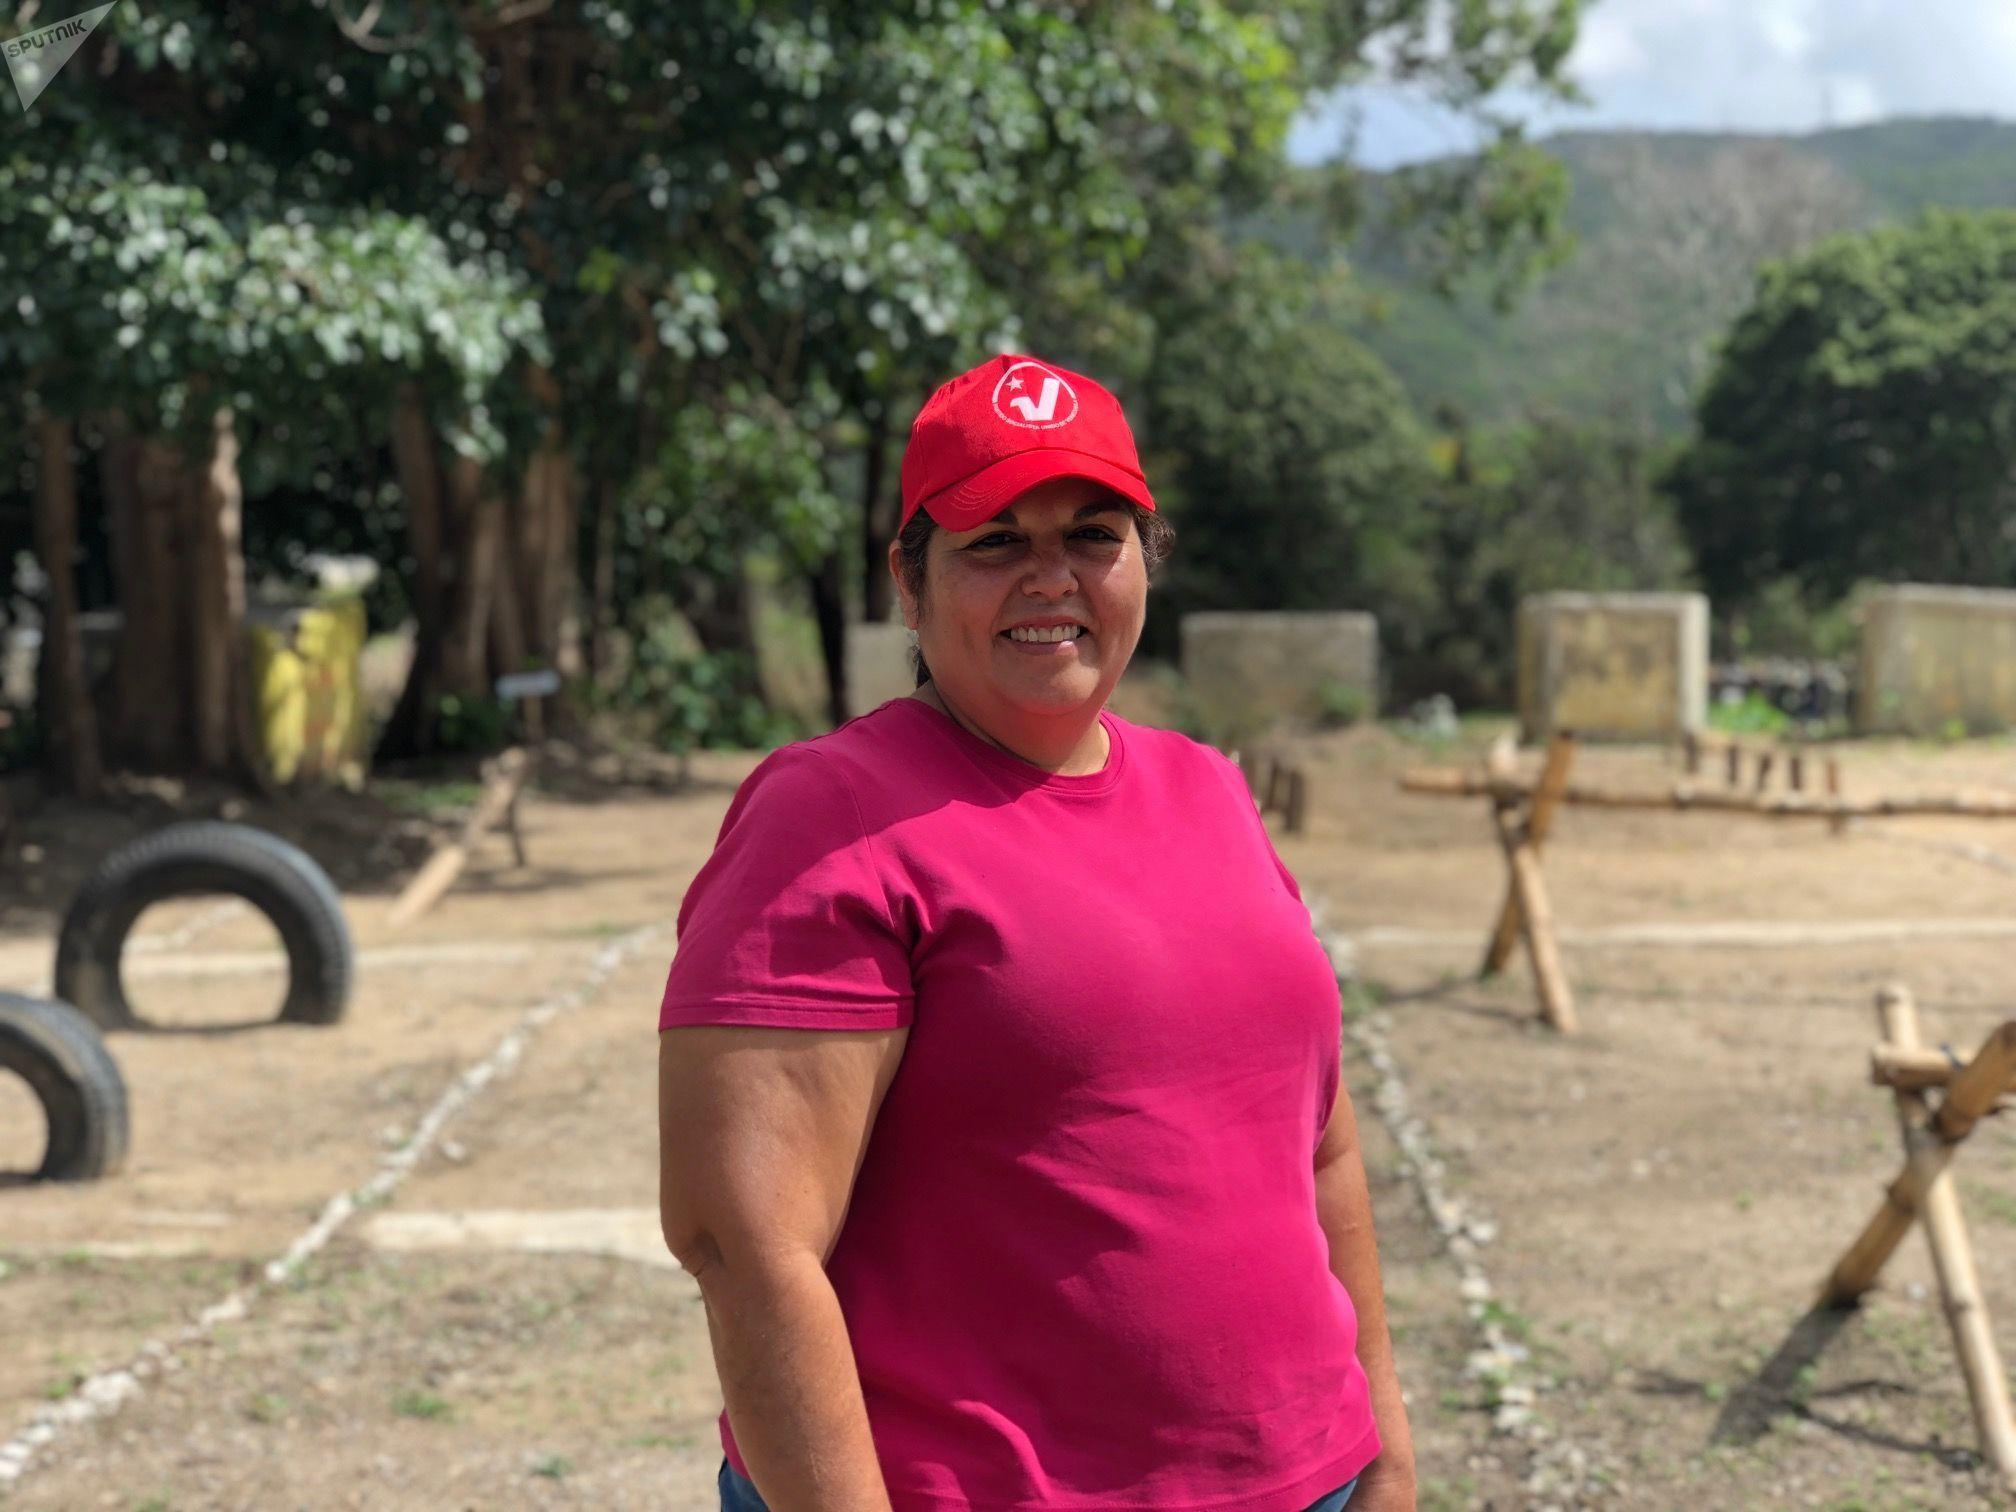 Astrid Villalobos tem 56 anos e participa dos treinamentos populares do Método Tático de Resistência Revolucionária